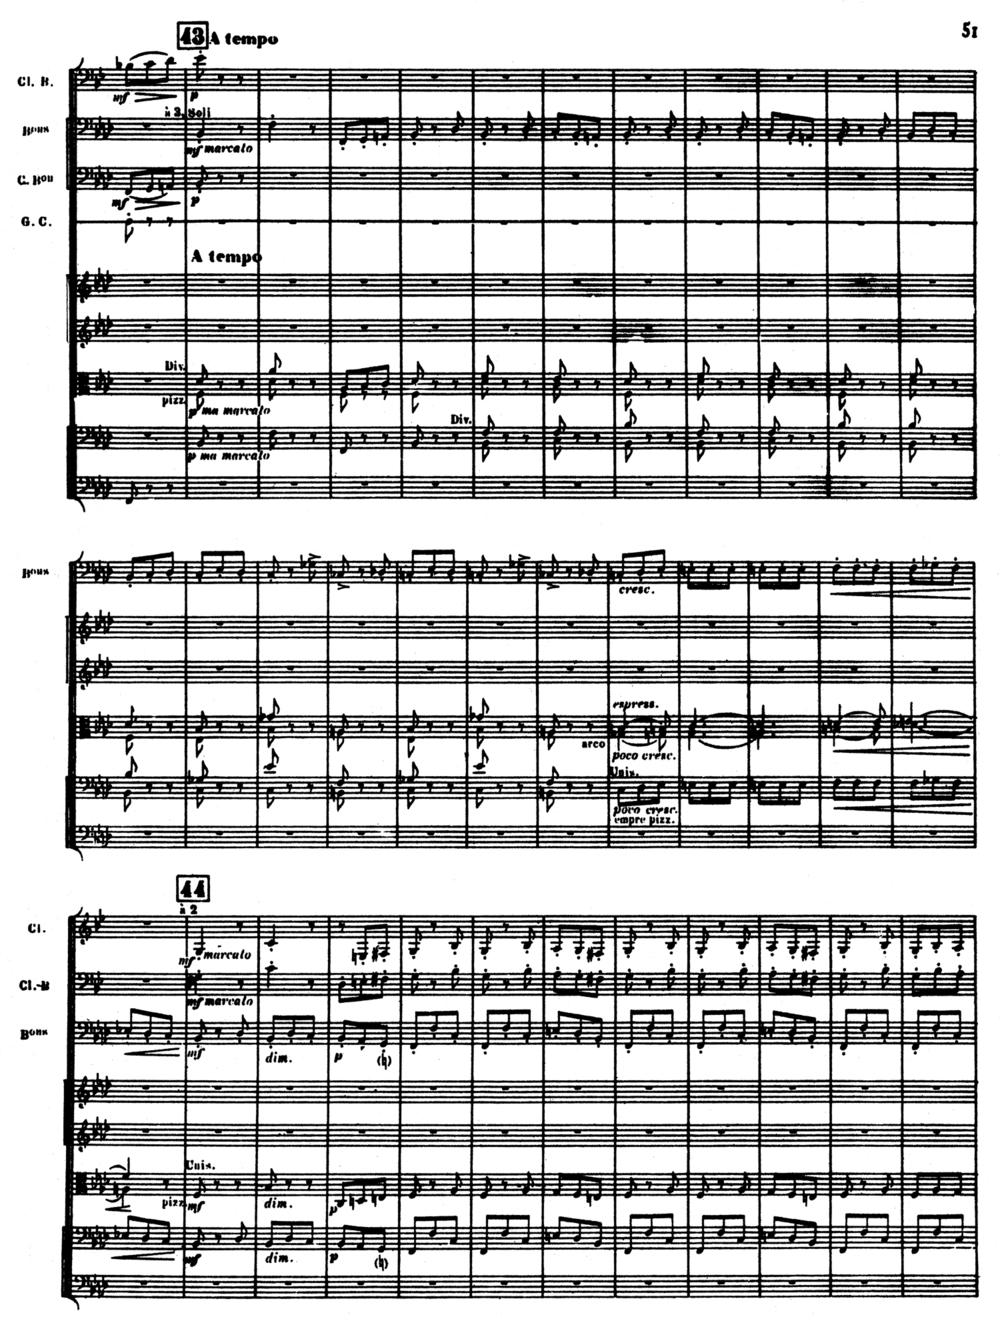 Dukas Score 5.jpg